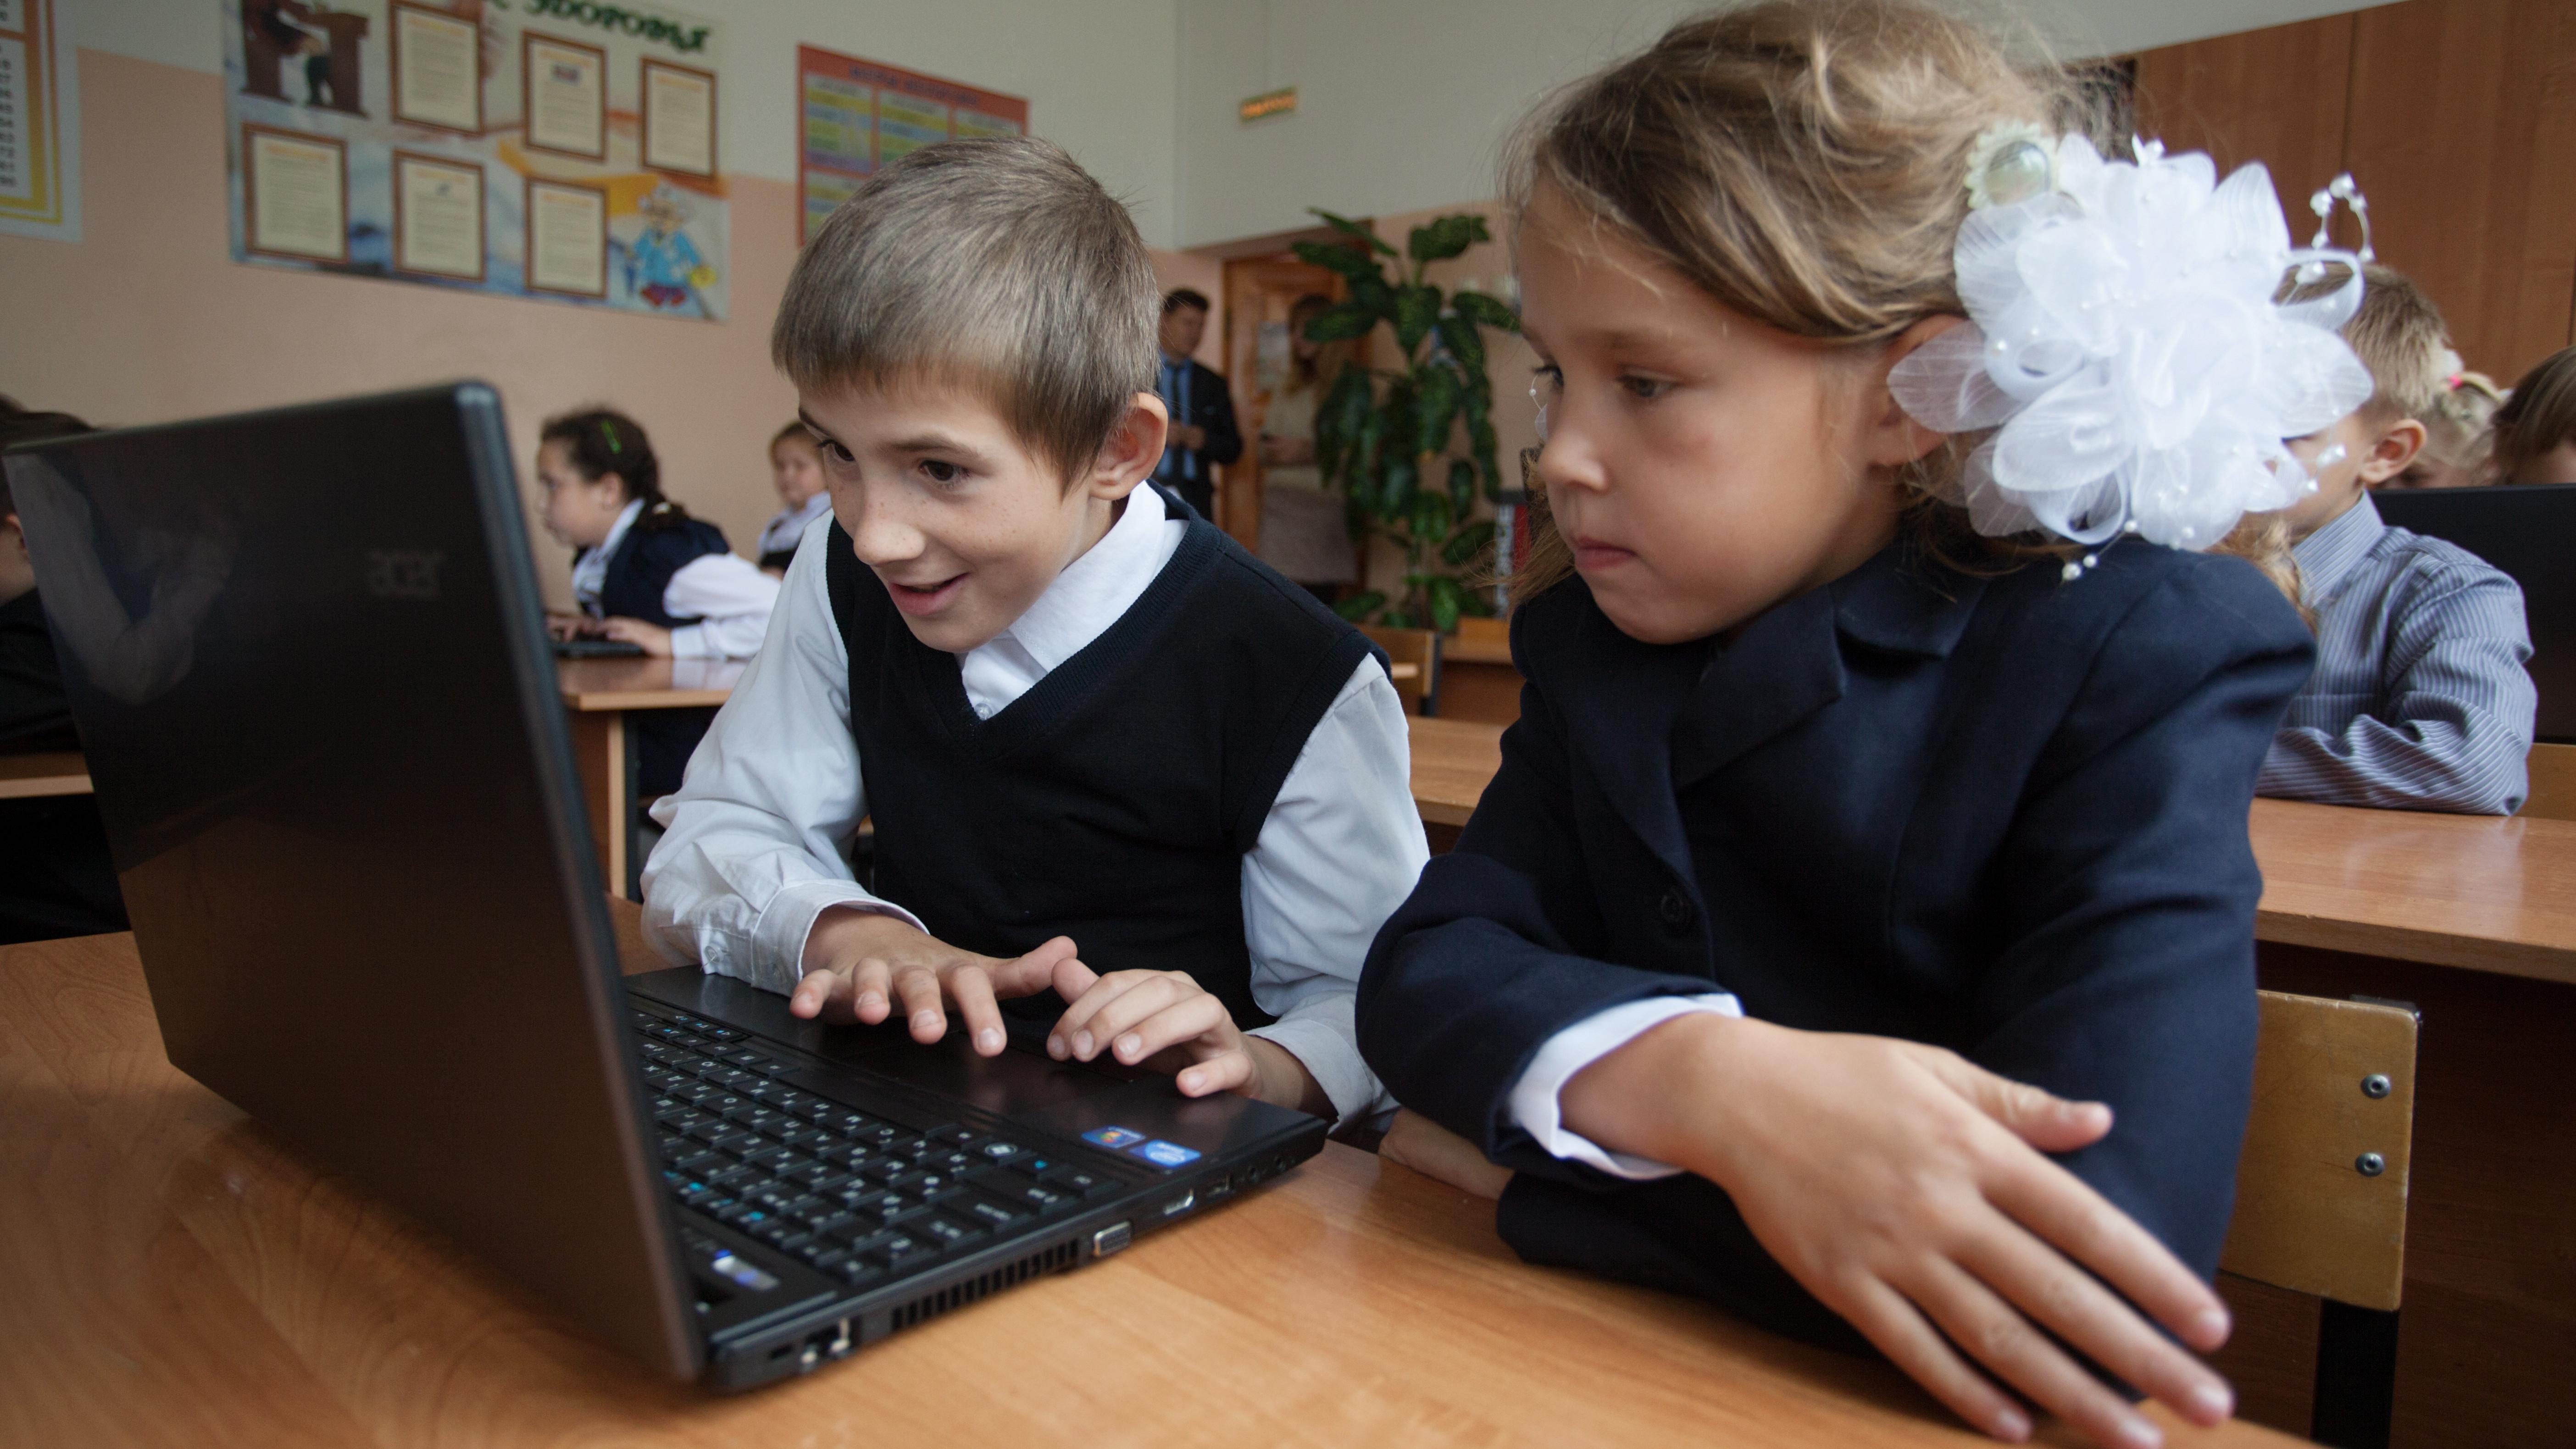 «Уроки цифры» проходят более чем в 1, 2 тыс. школах Подмосковья